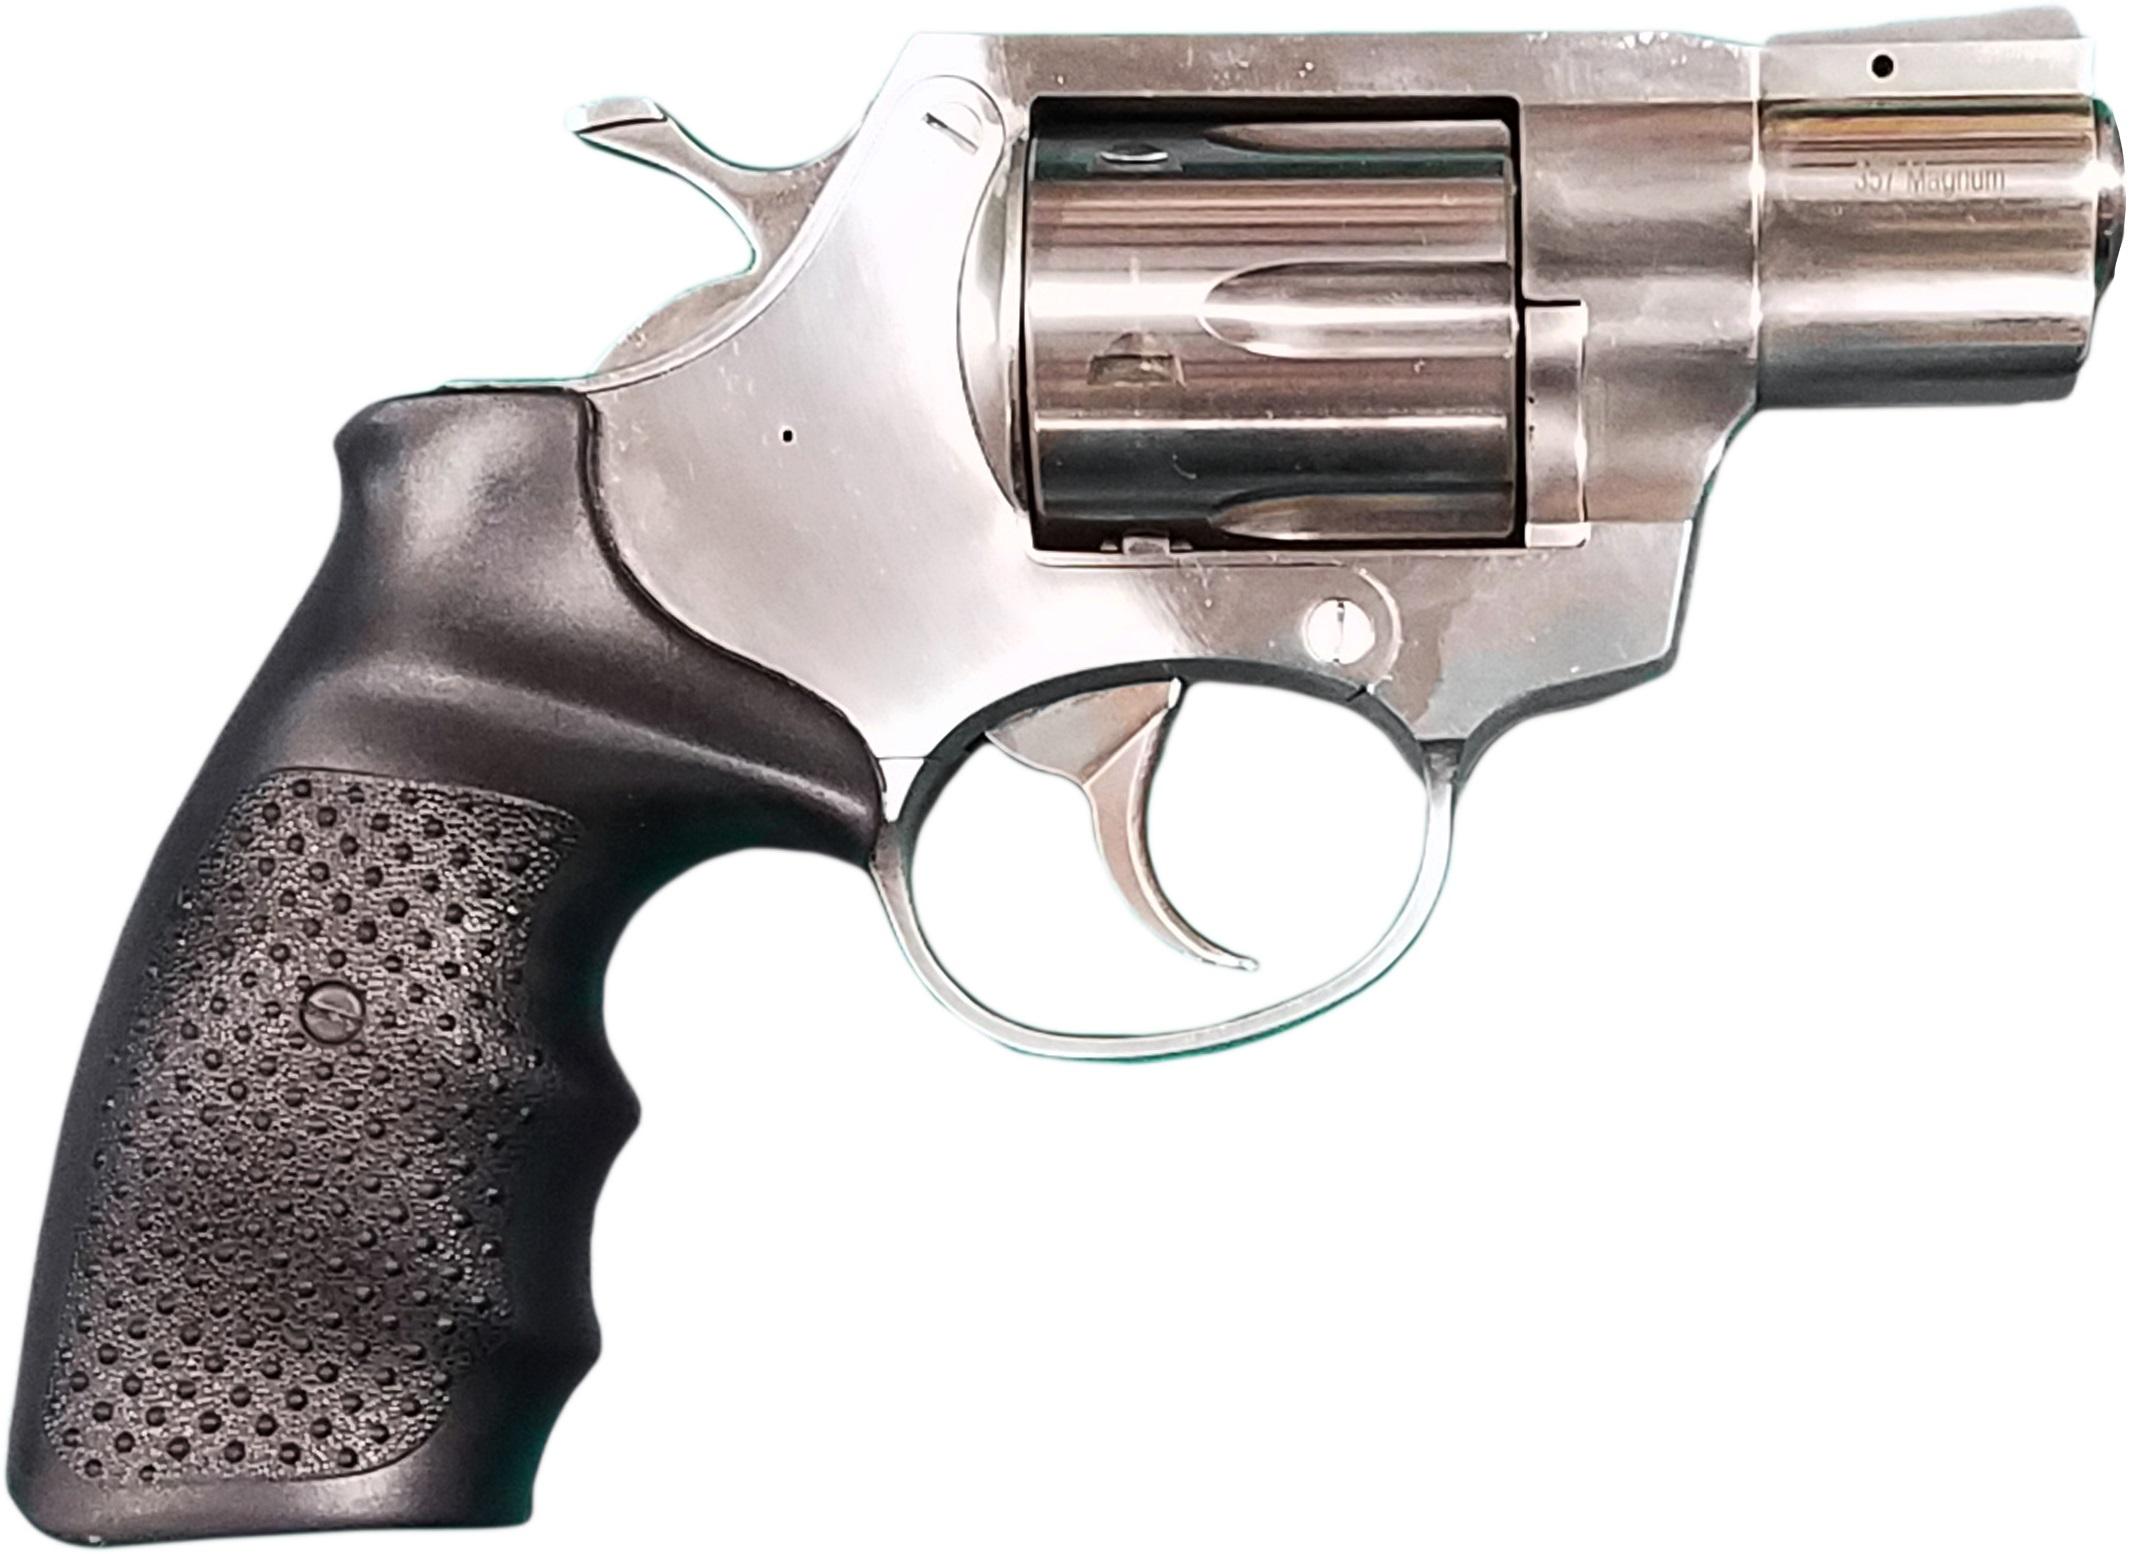 Rock Island Armory AL3.1 357 Magnum | 38 Special